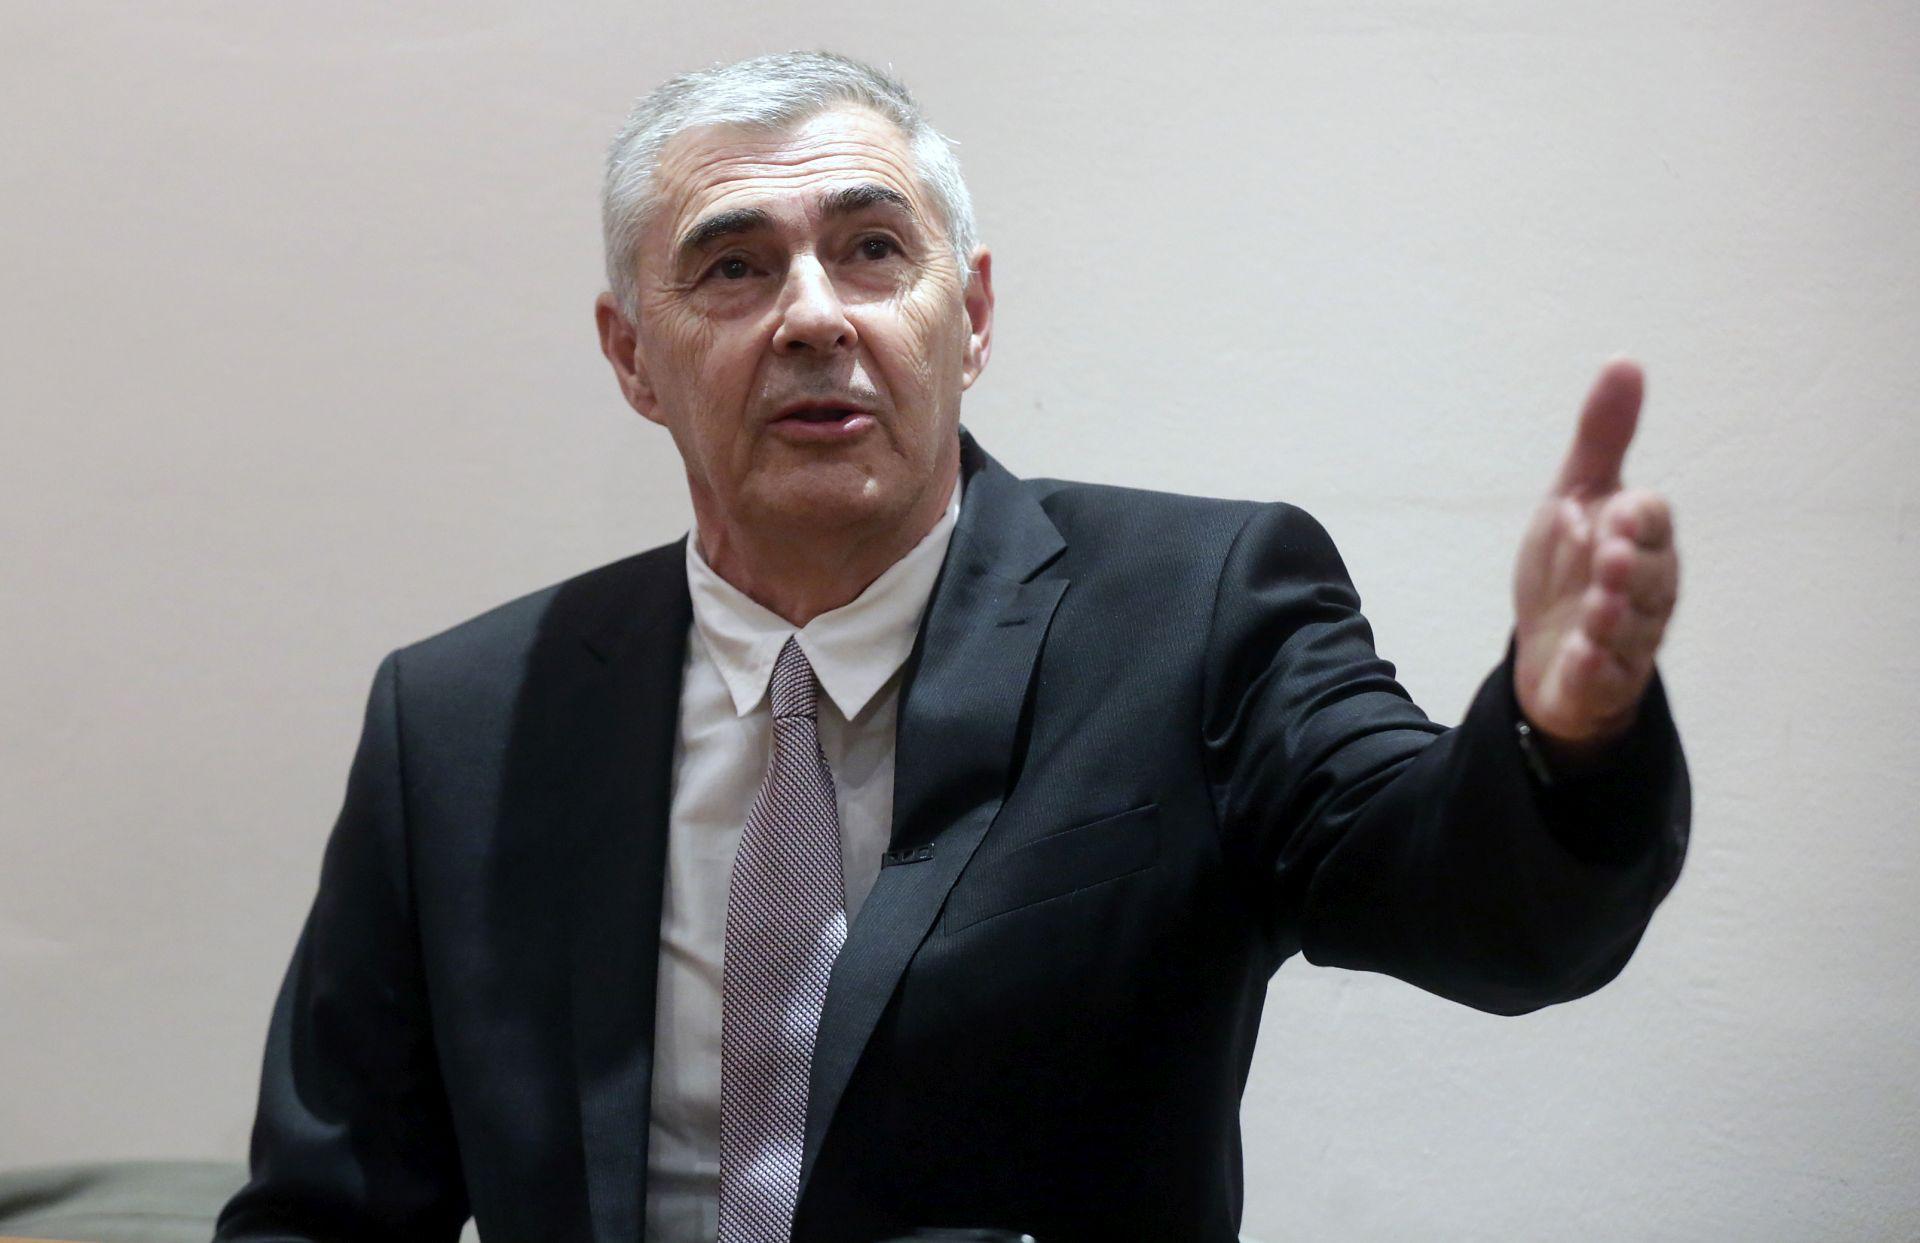 'Neka Sabor proglasi novog heroja, kneza Drpislava'